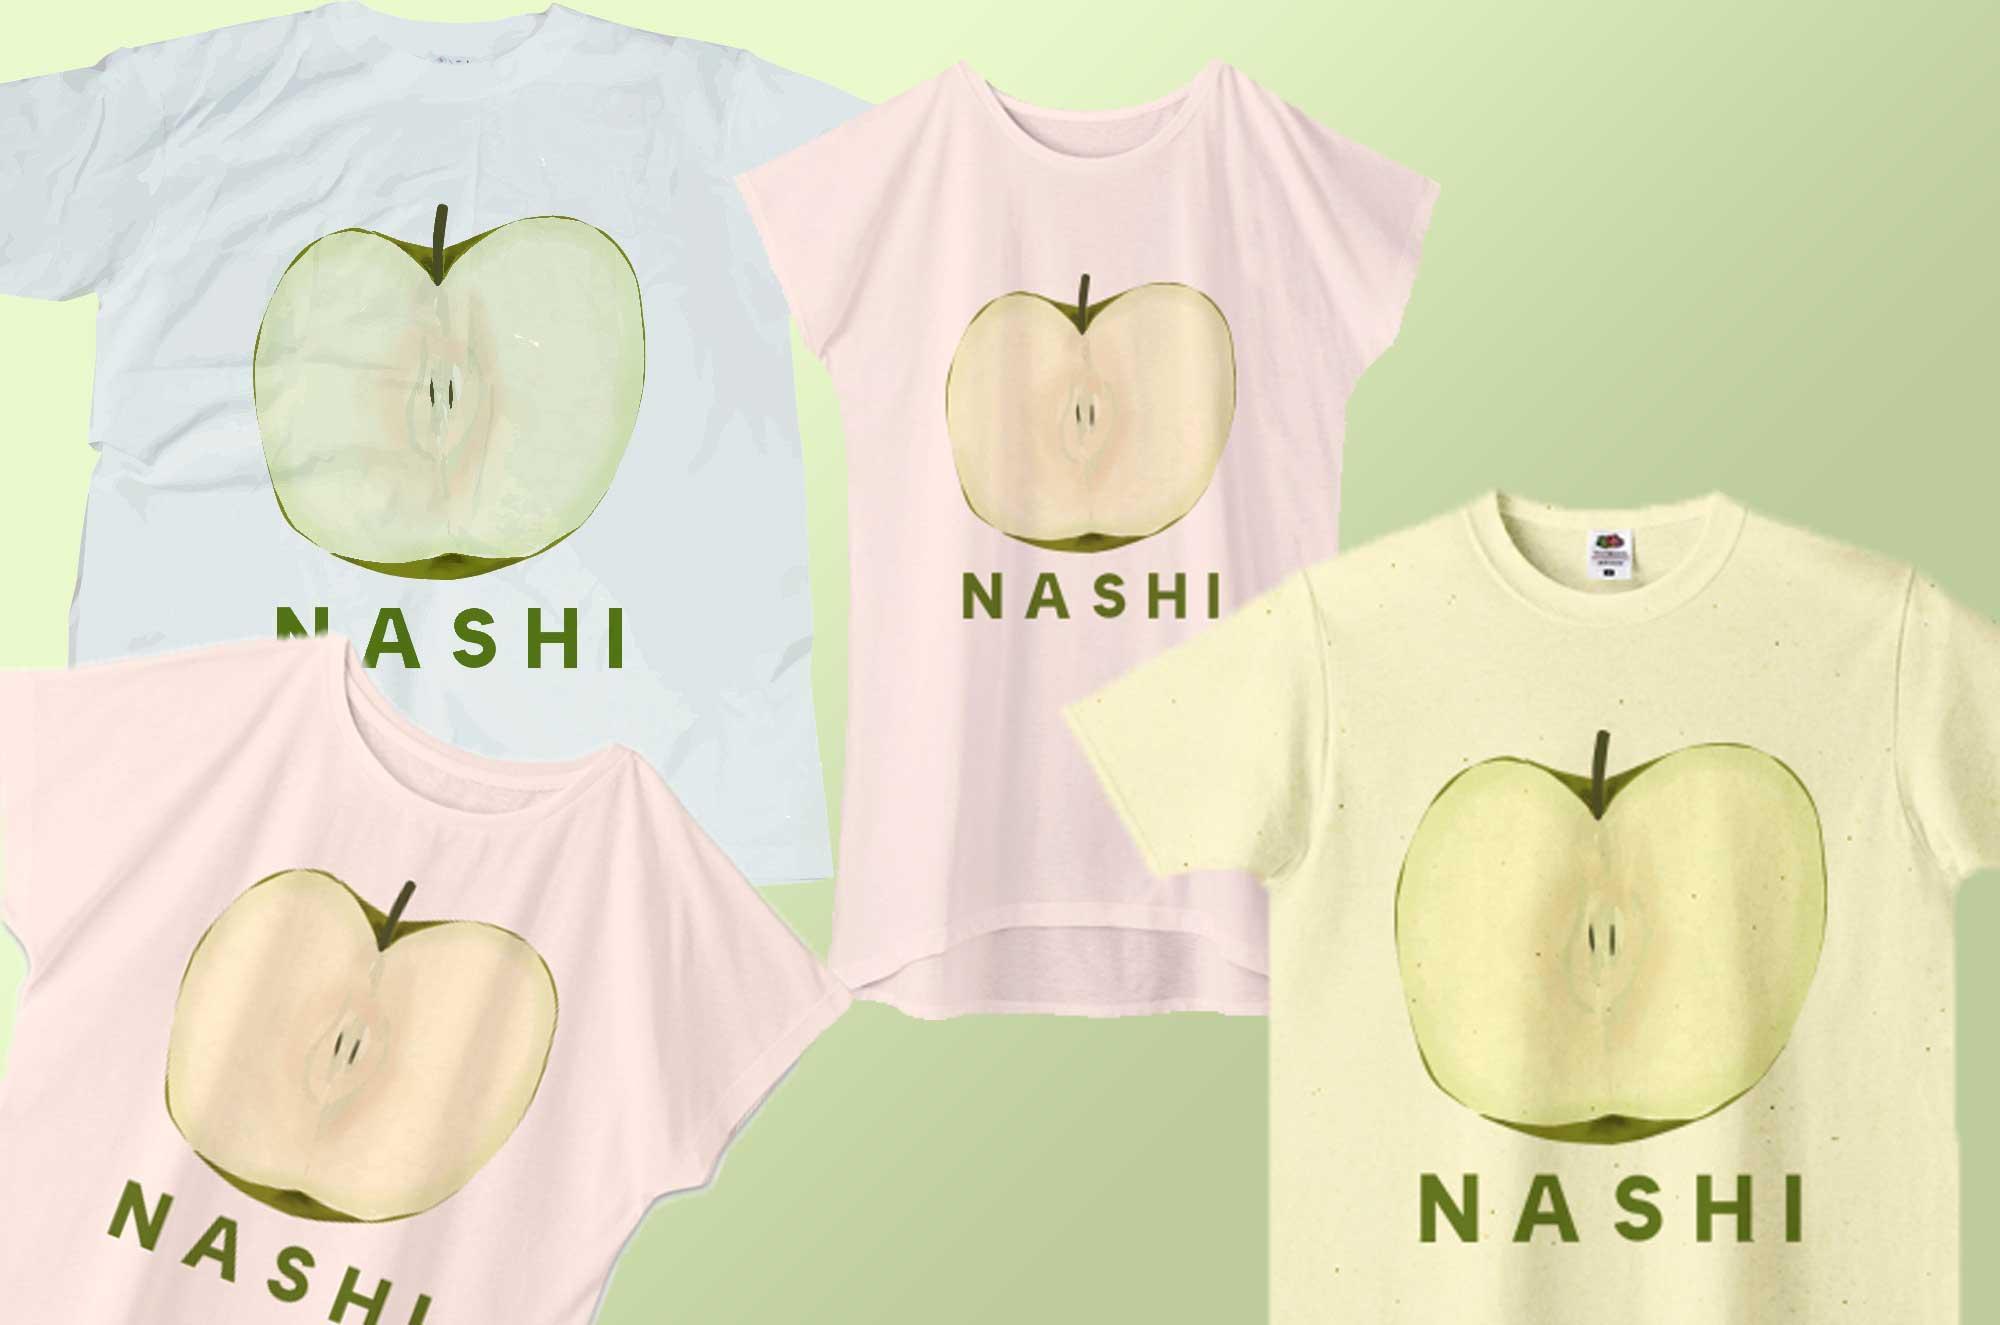 梨Tシャツ - おもしろフルーツデザイングッズ